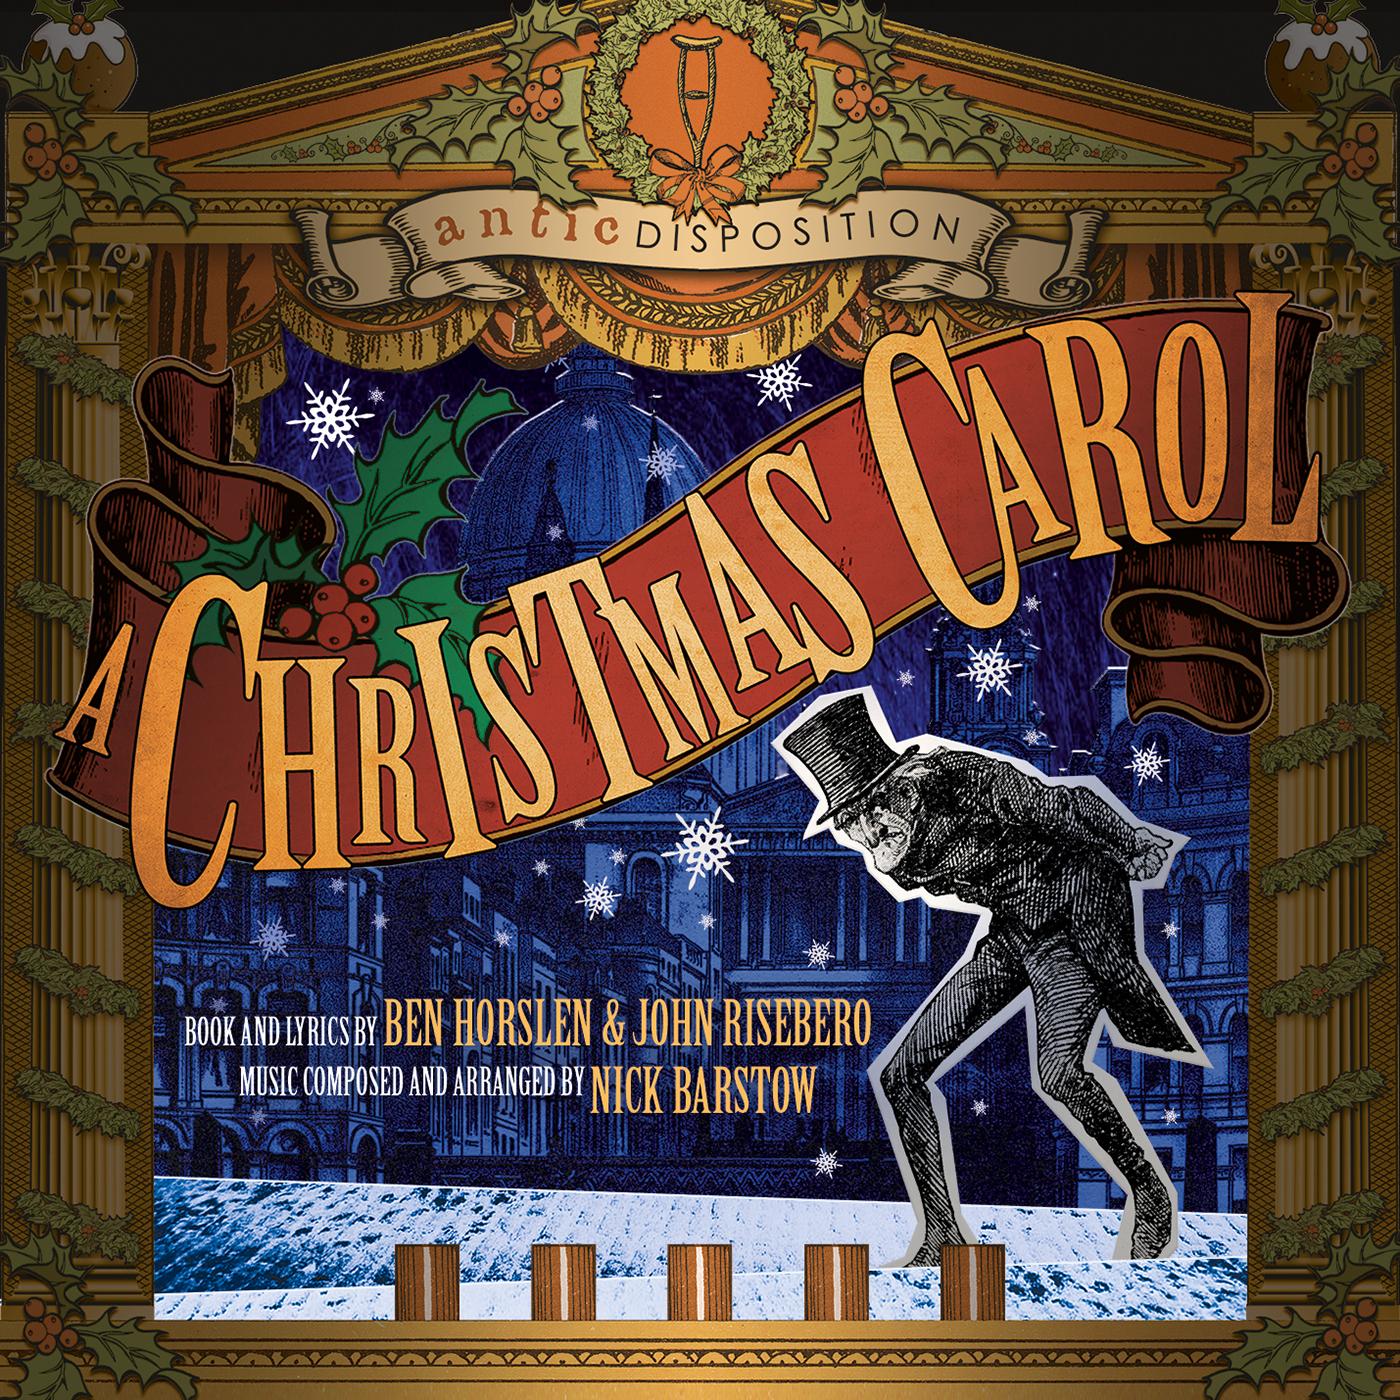 A Christmas Carol CD cover